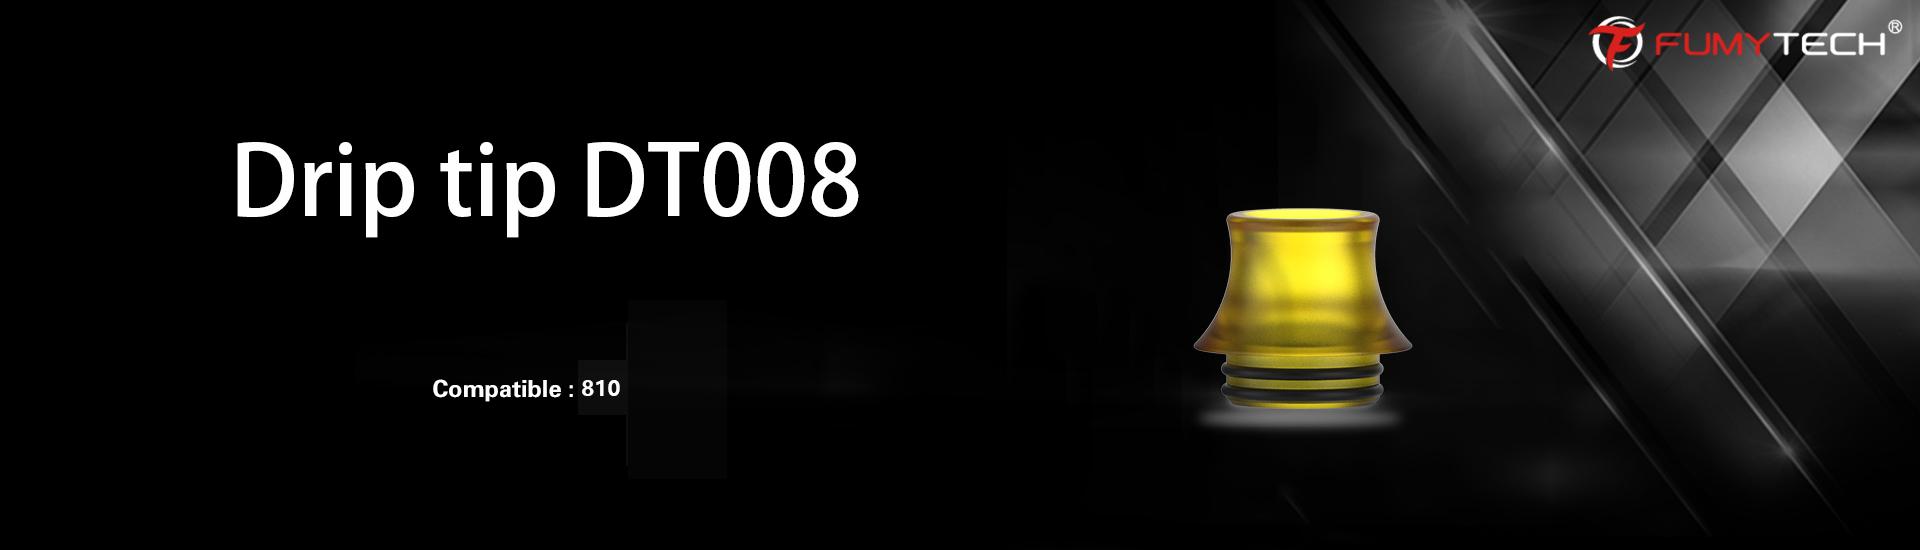 Drip Tip 810 en ultem - Fumytech